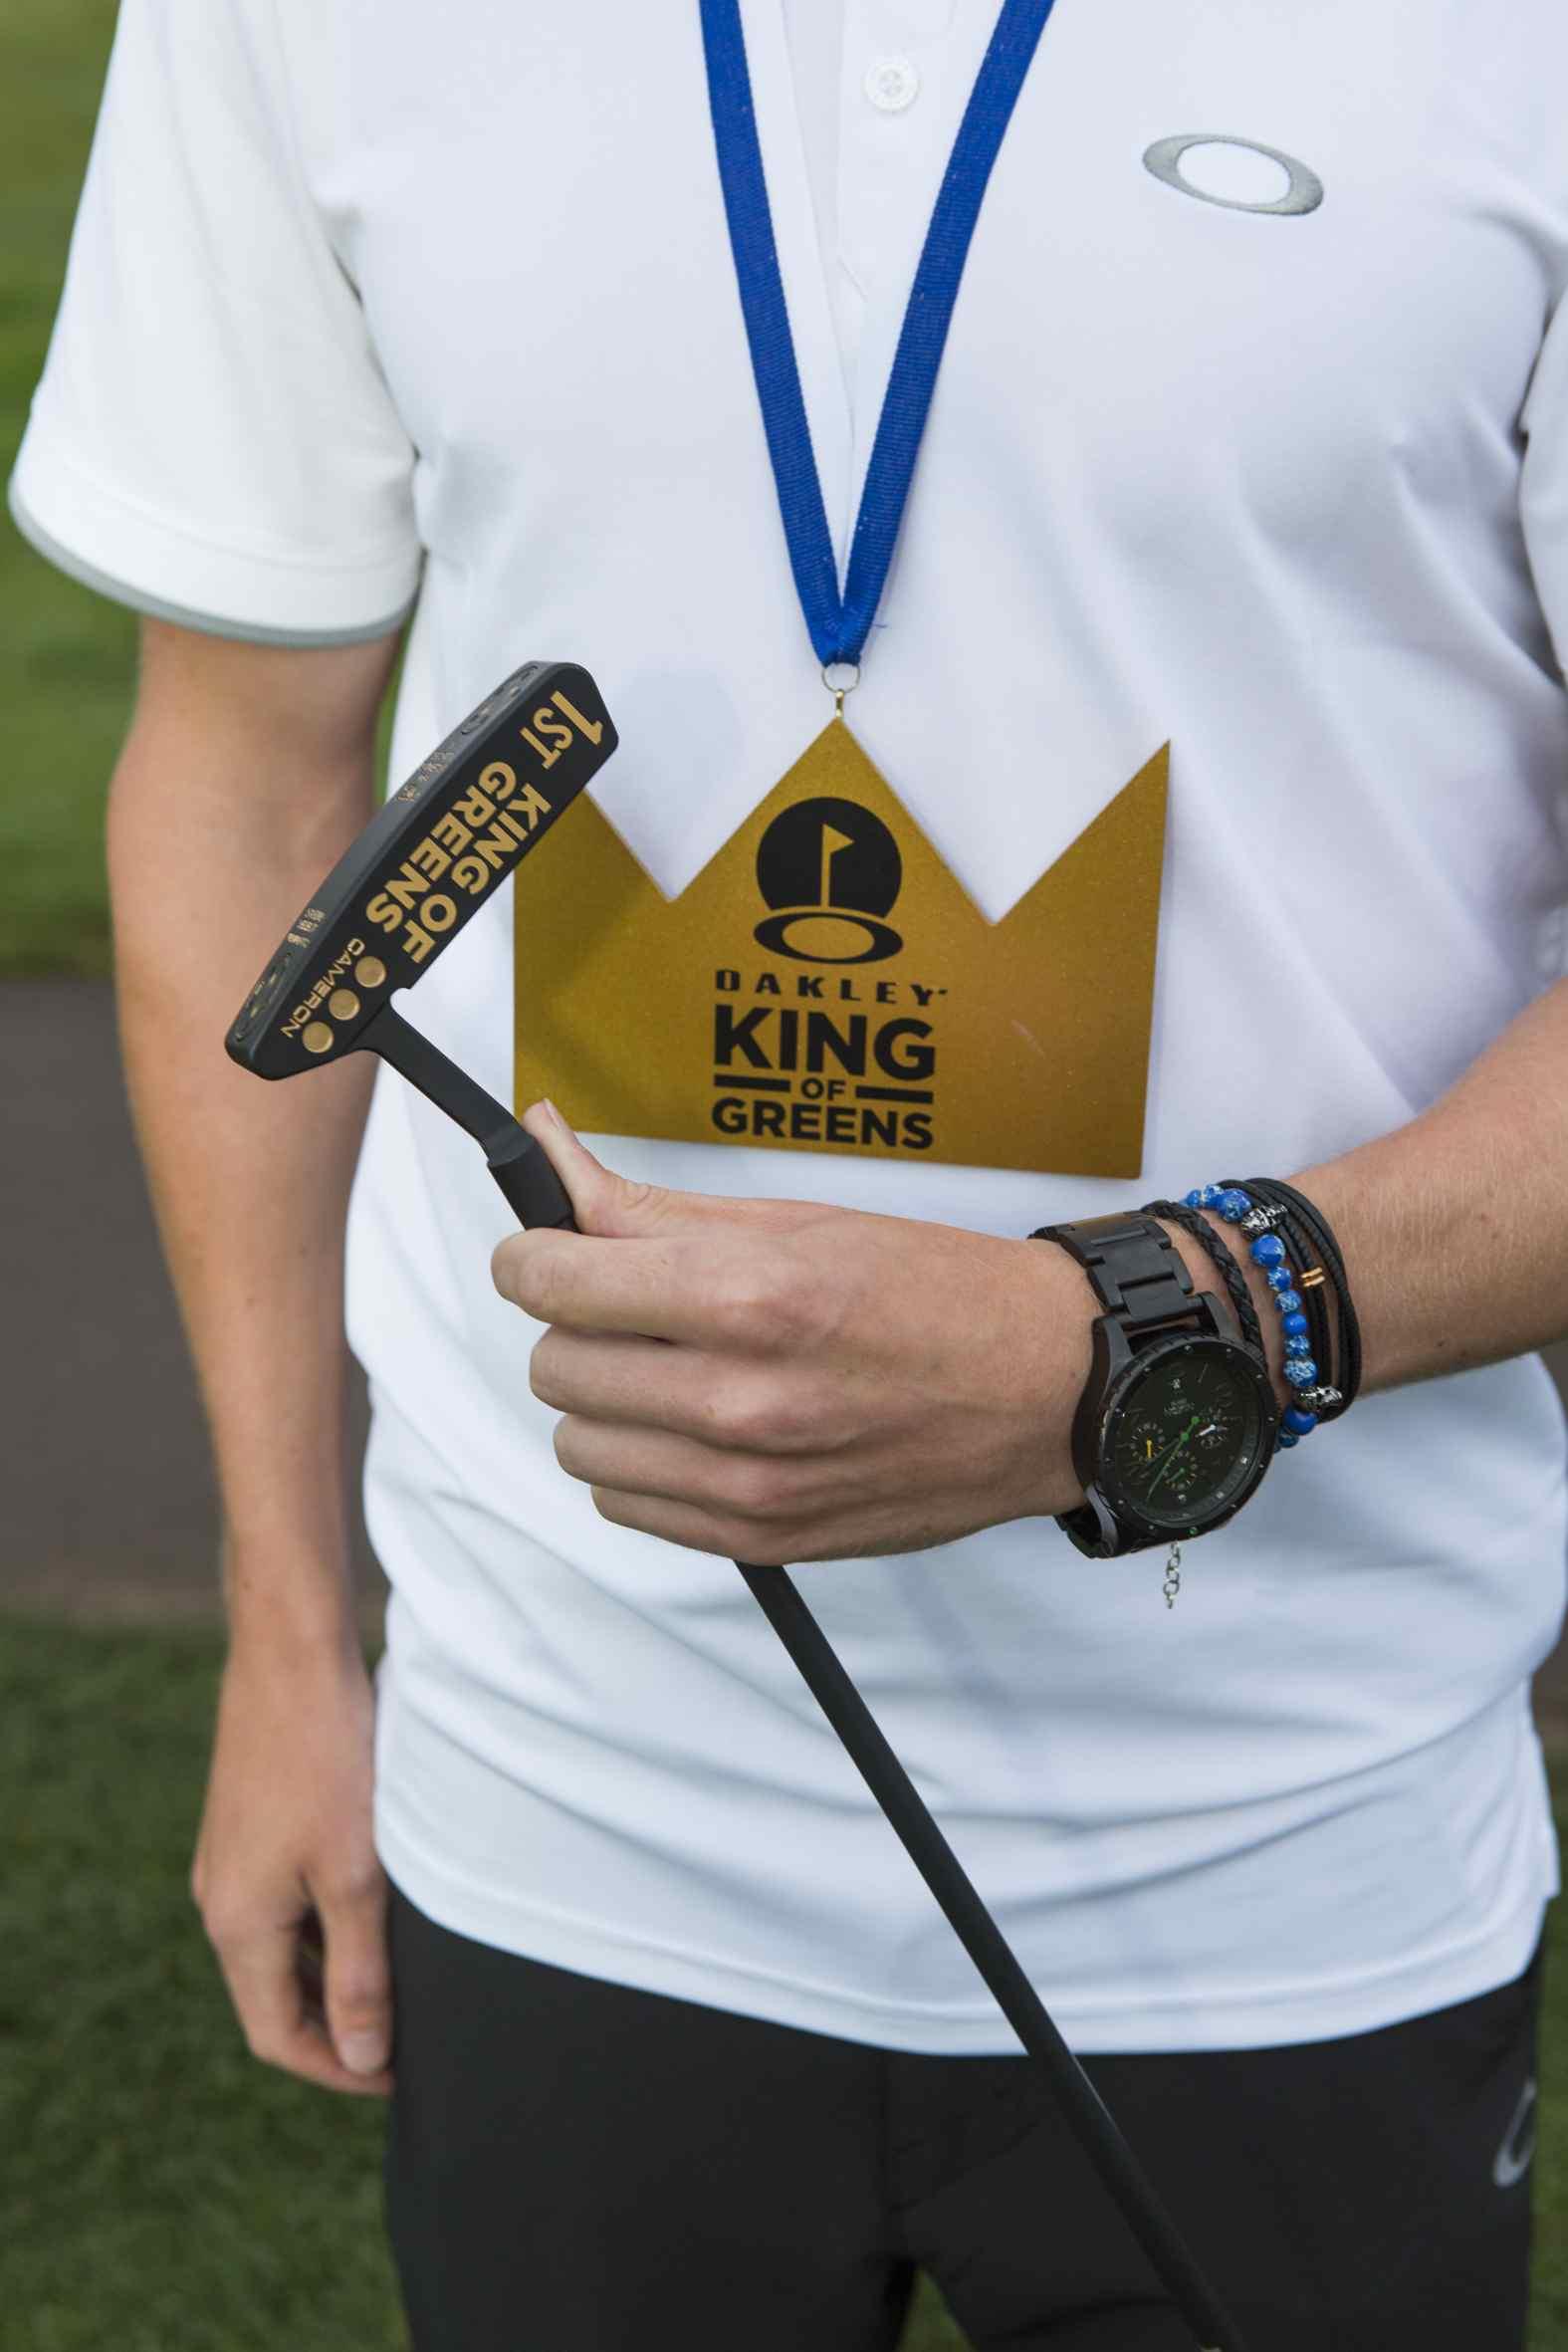 Oakley_KING_of_GREENS_2014_Trophy